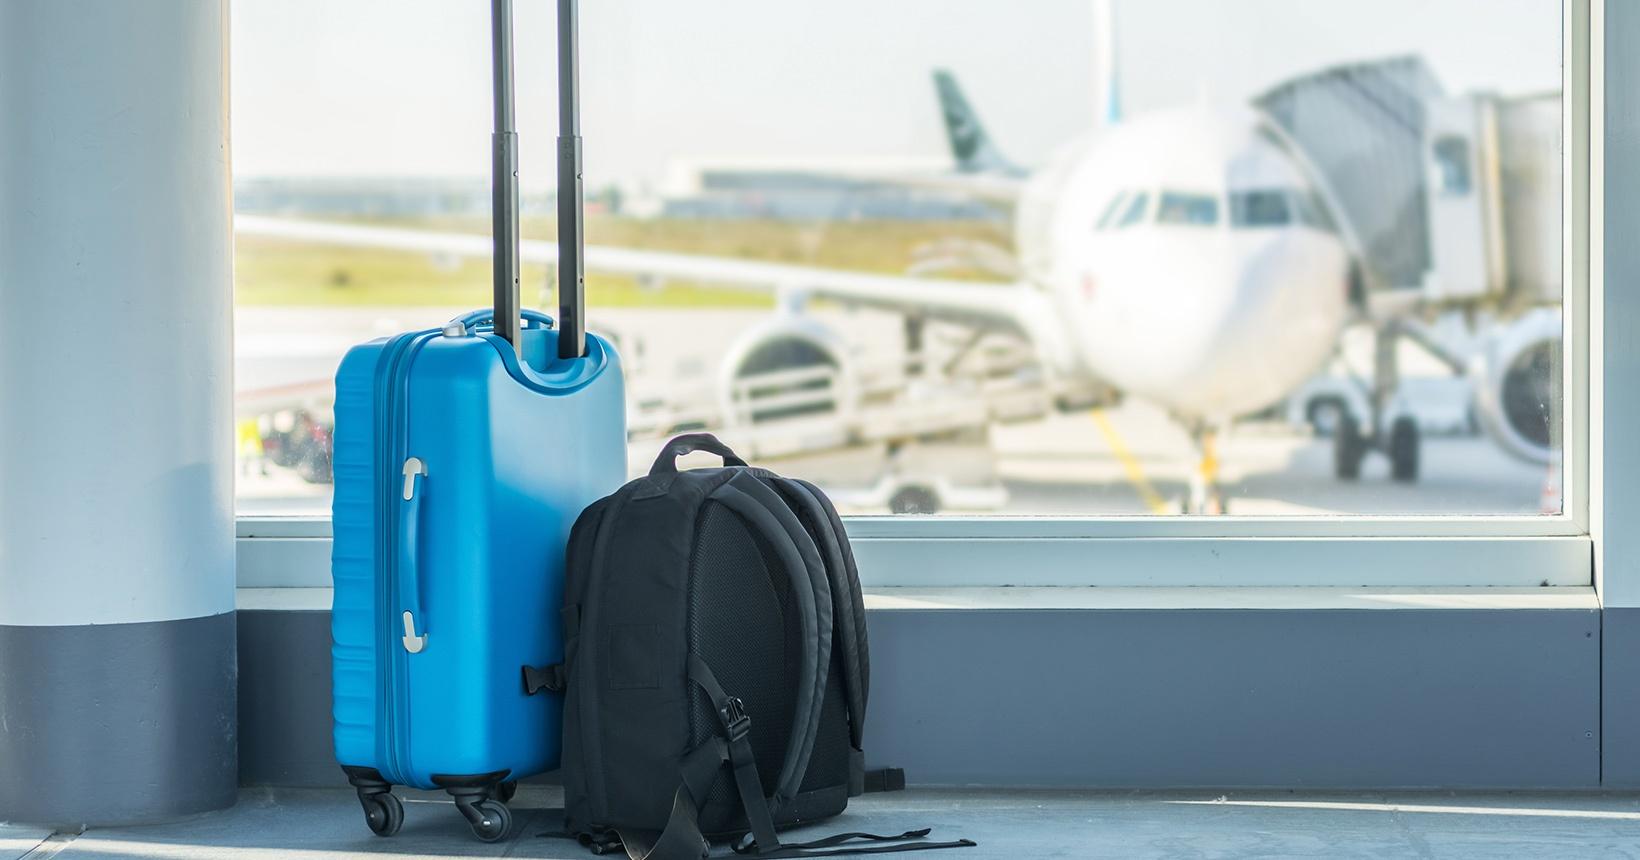 Pode levar mochila no avião mais a mala de mão?